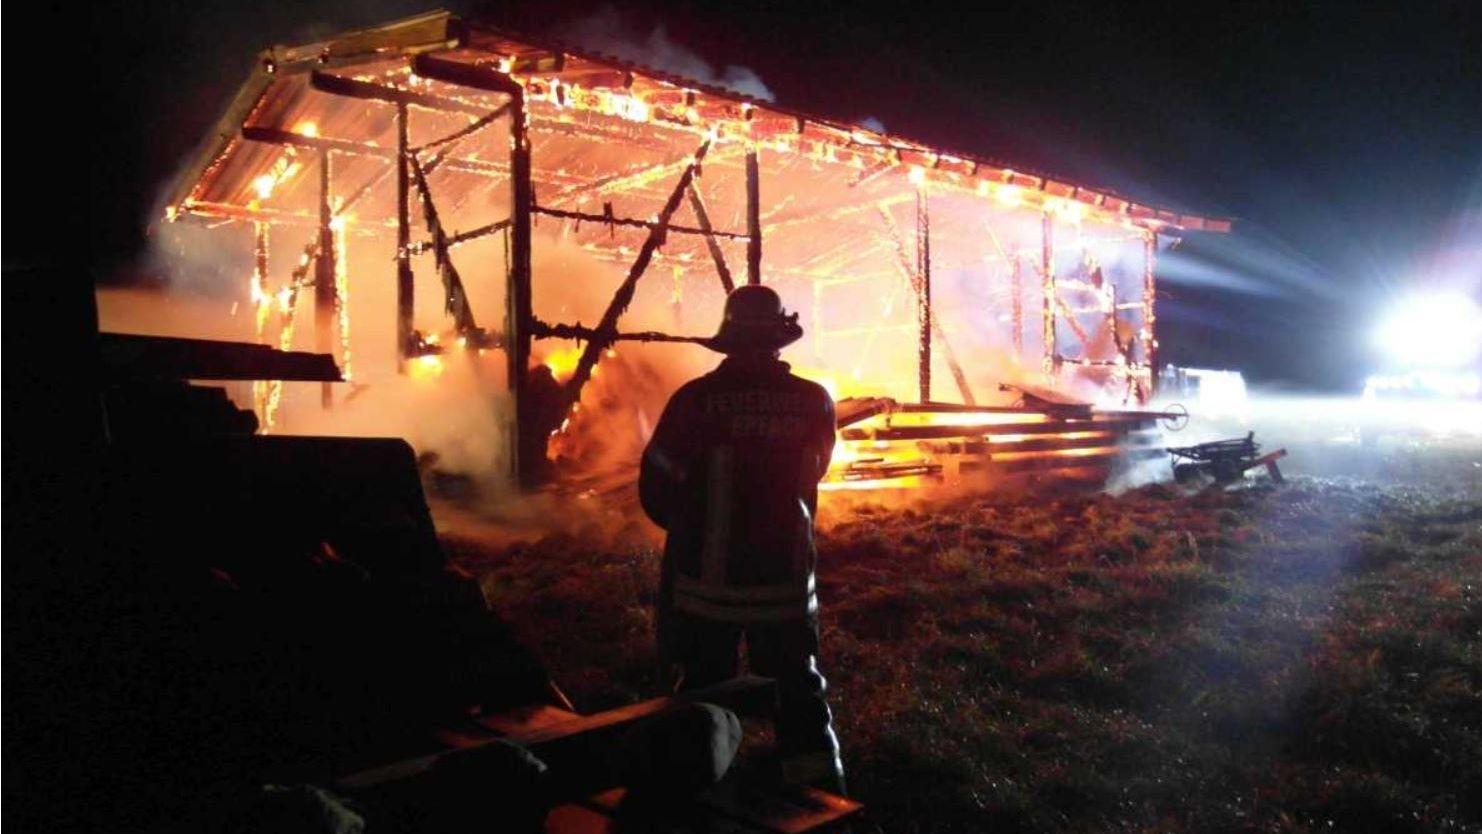 Ein Mitglied der Freiwilligen Feuerwehr Denklingen steht vor der brennenden Scheune.